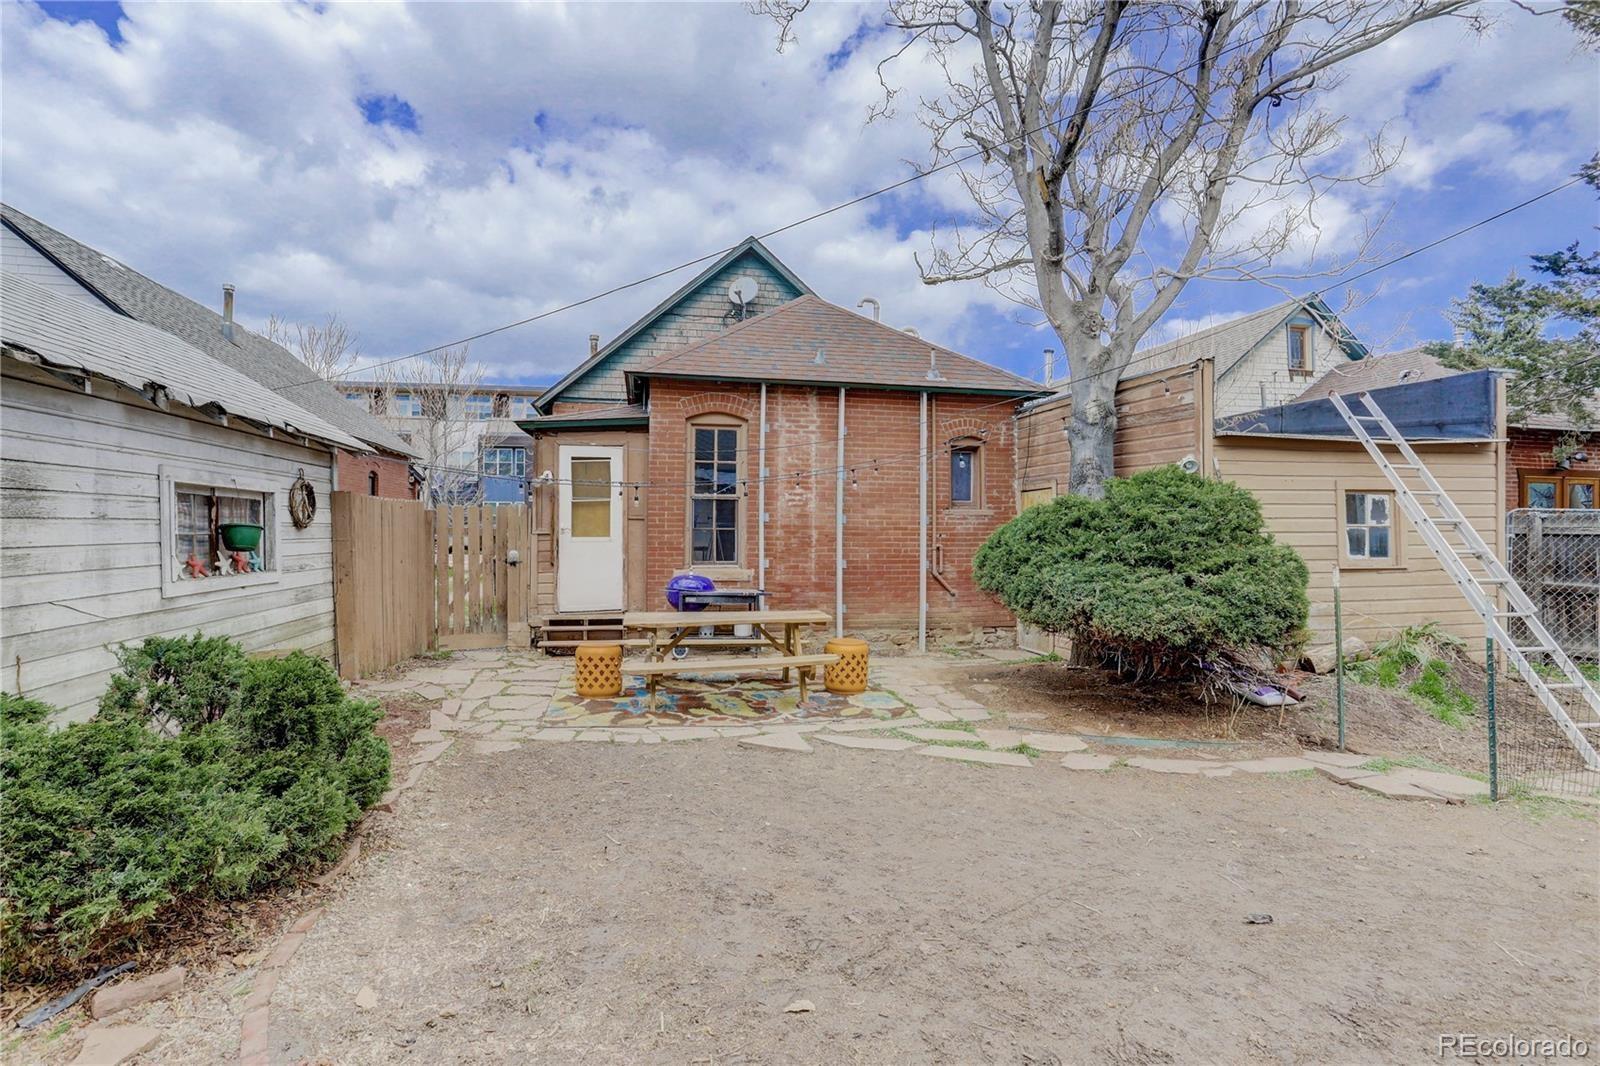 MLS# 4644678 - 17 - 1714 Walnut Street, Boulder, CO 80302